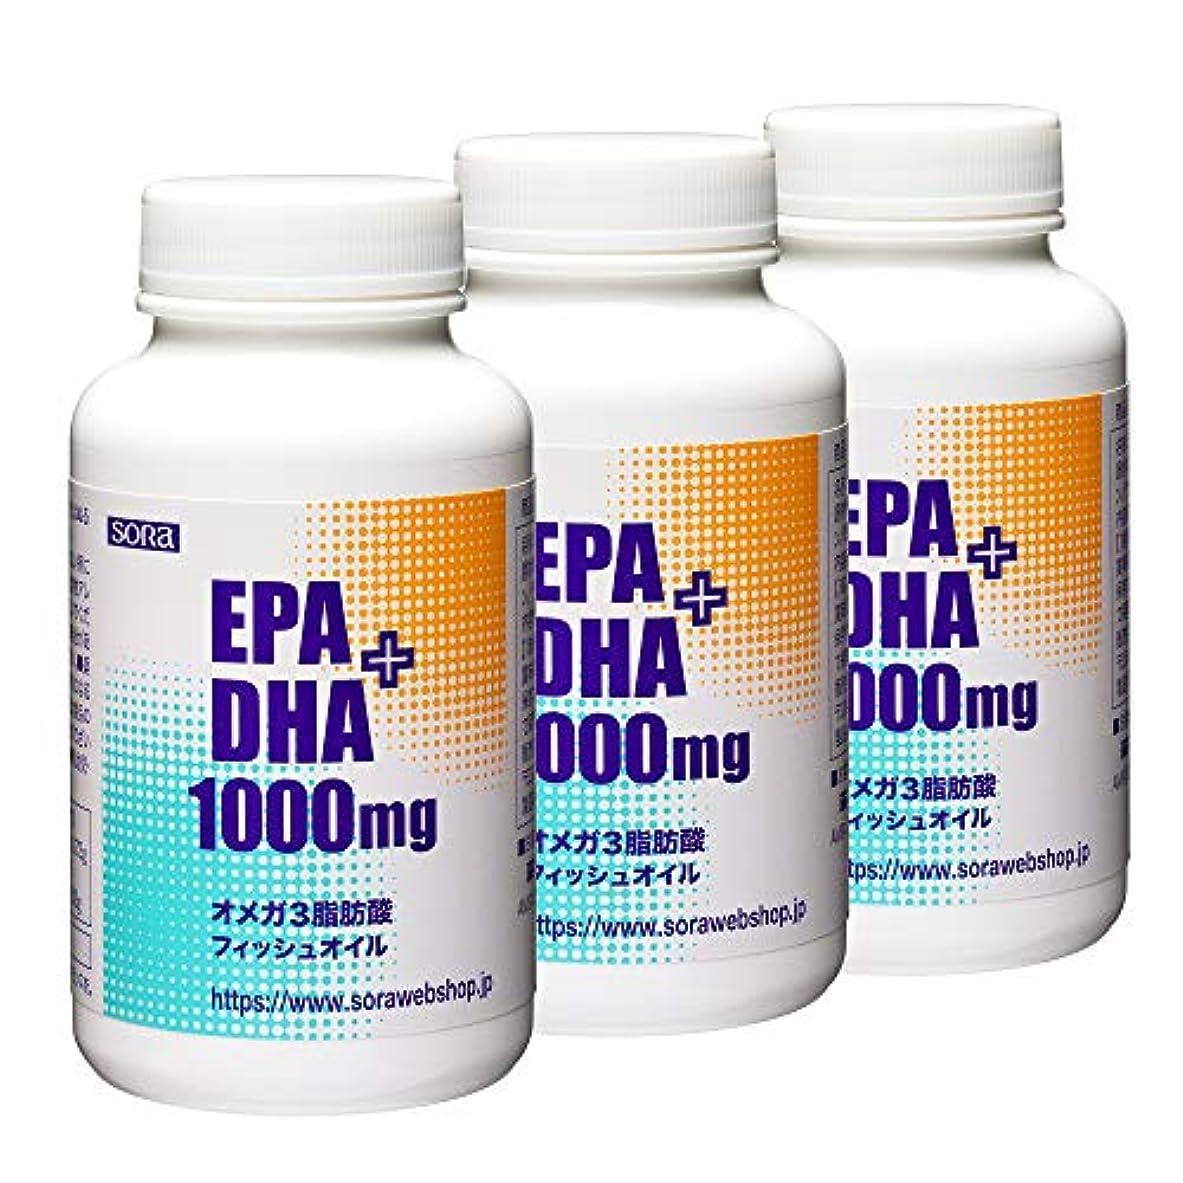 ポンド検出する出費【まとめ買い】そら EPA+DHA 1000mg (魚のオイル オメガ3) 【180粒入 × 3本セット】[5% OFF]